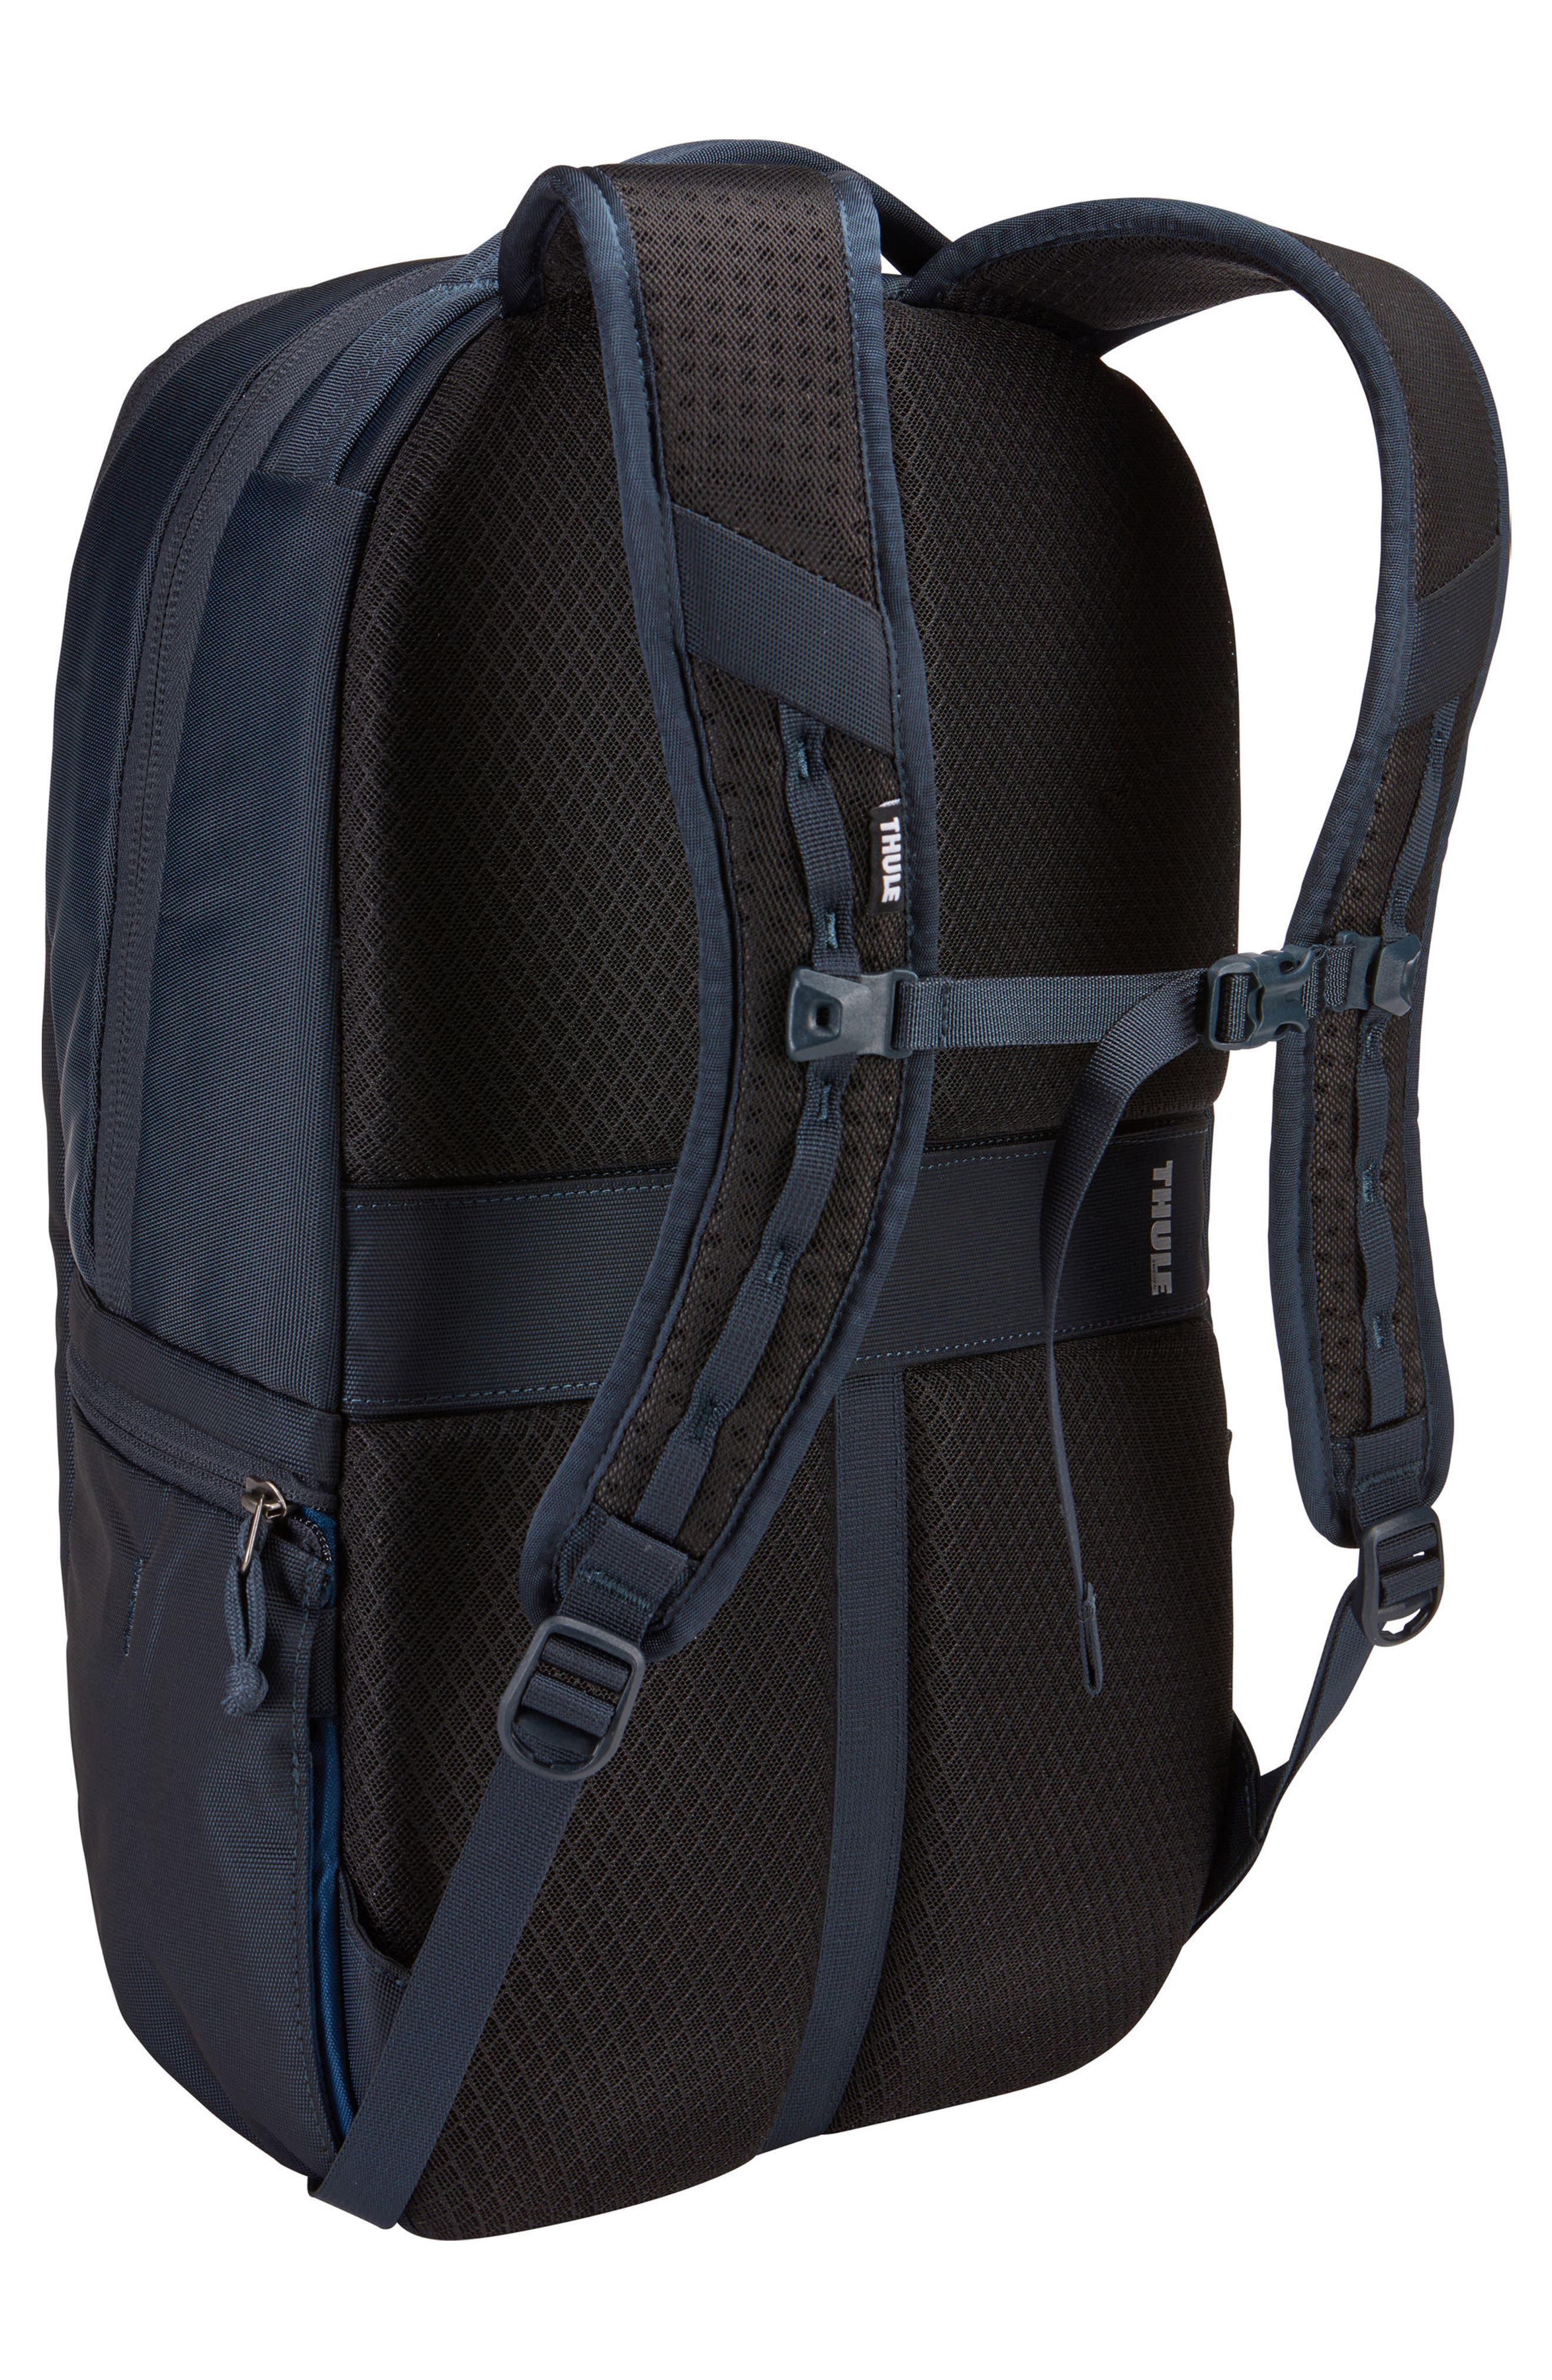 Alternate Image 3  - Thule Subterra 23-Liter Backpack